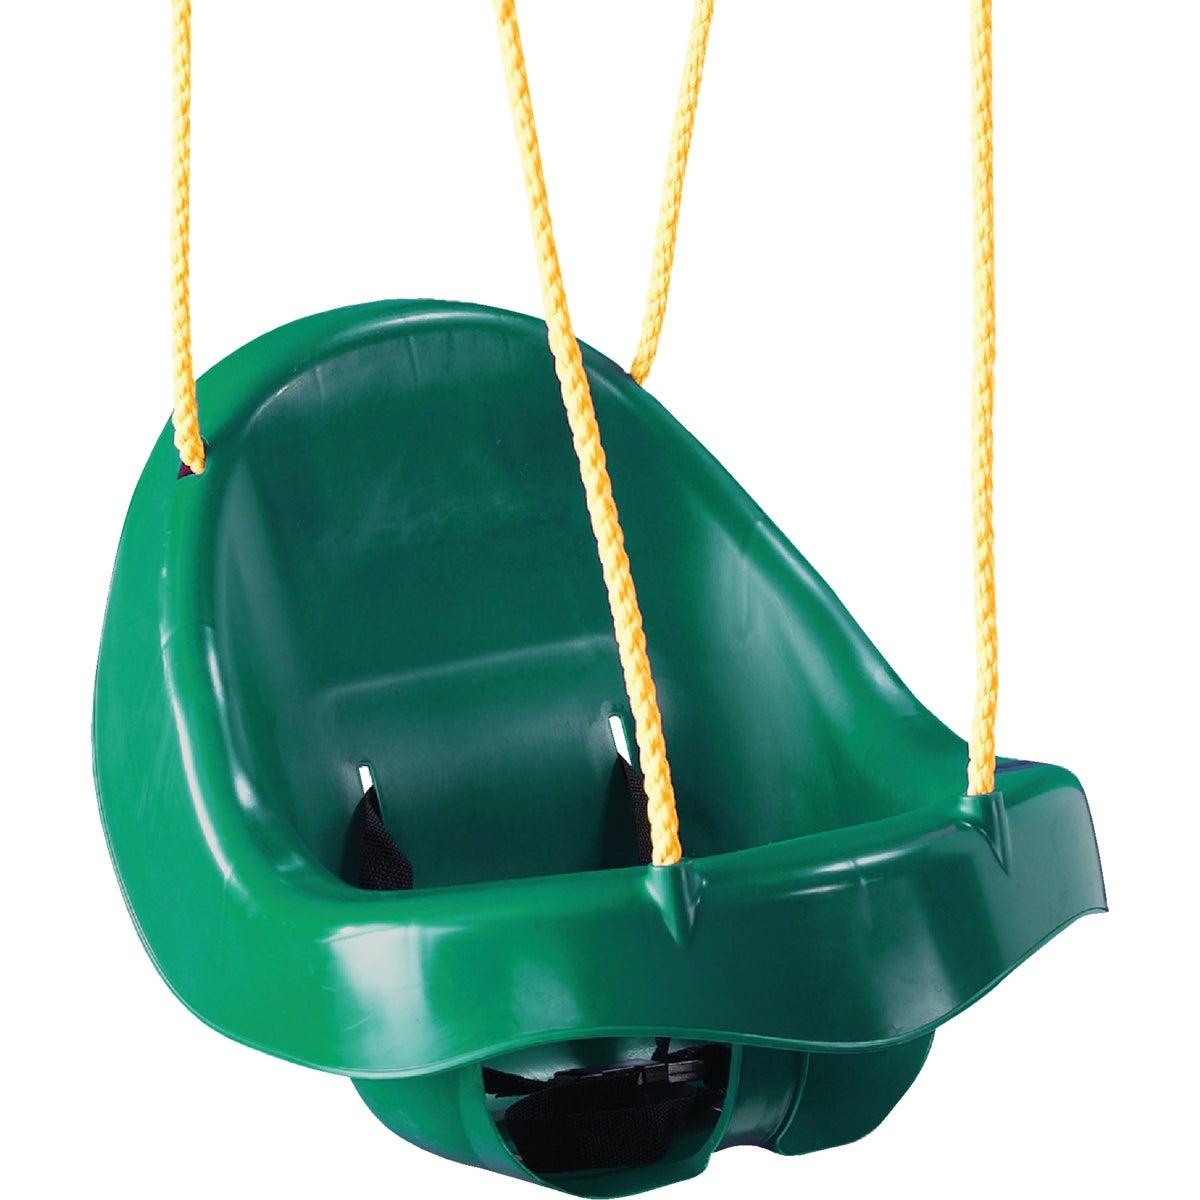 Swing N Slide BLUE CHILD SEAT SWING NE5027